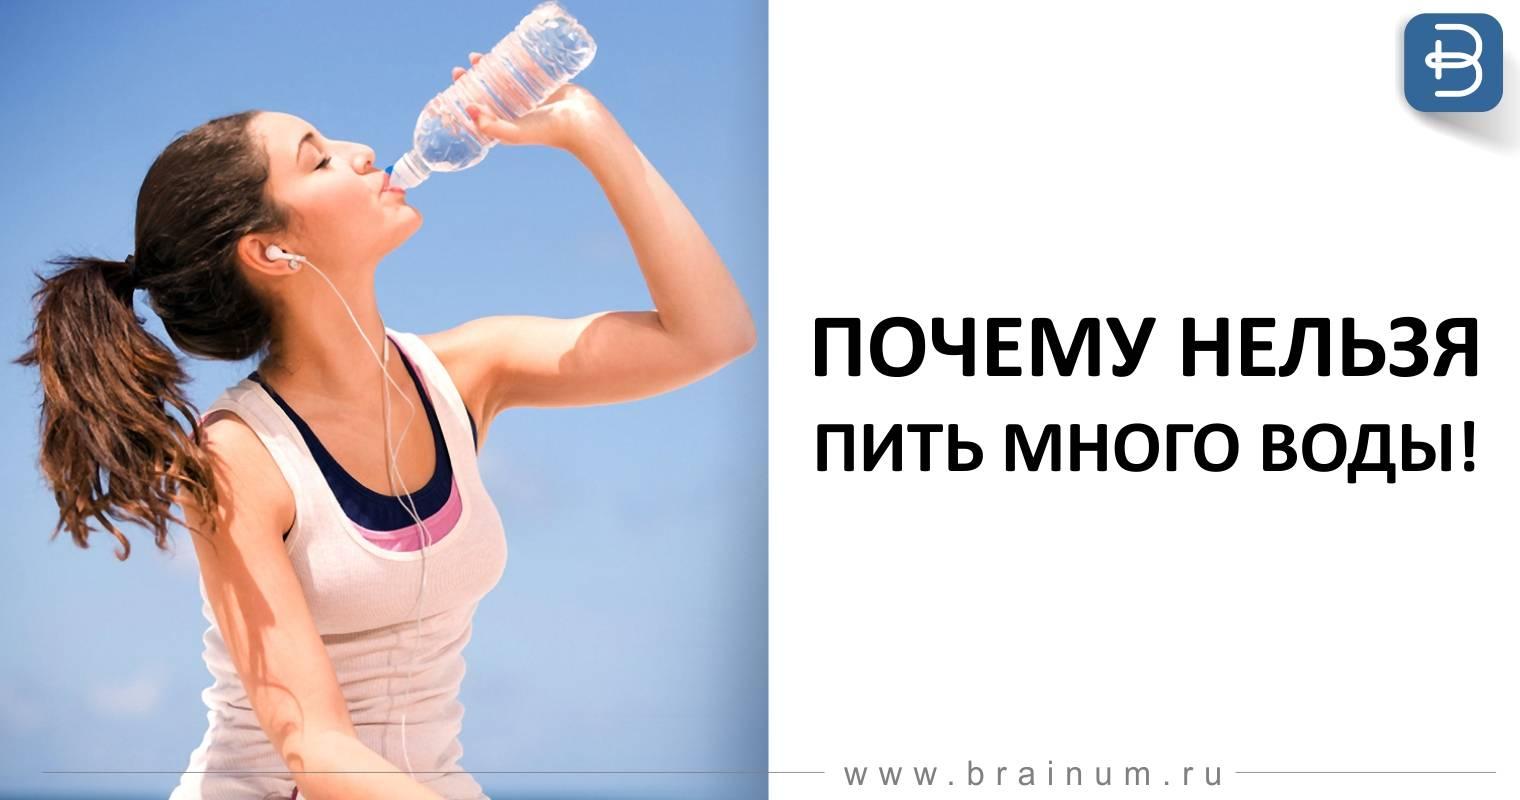 Почему кот или кошка пьет много воды